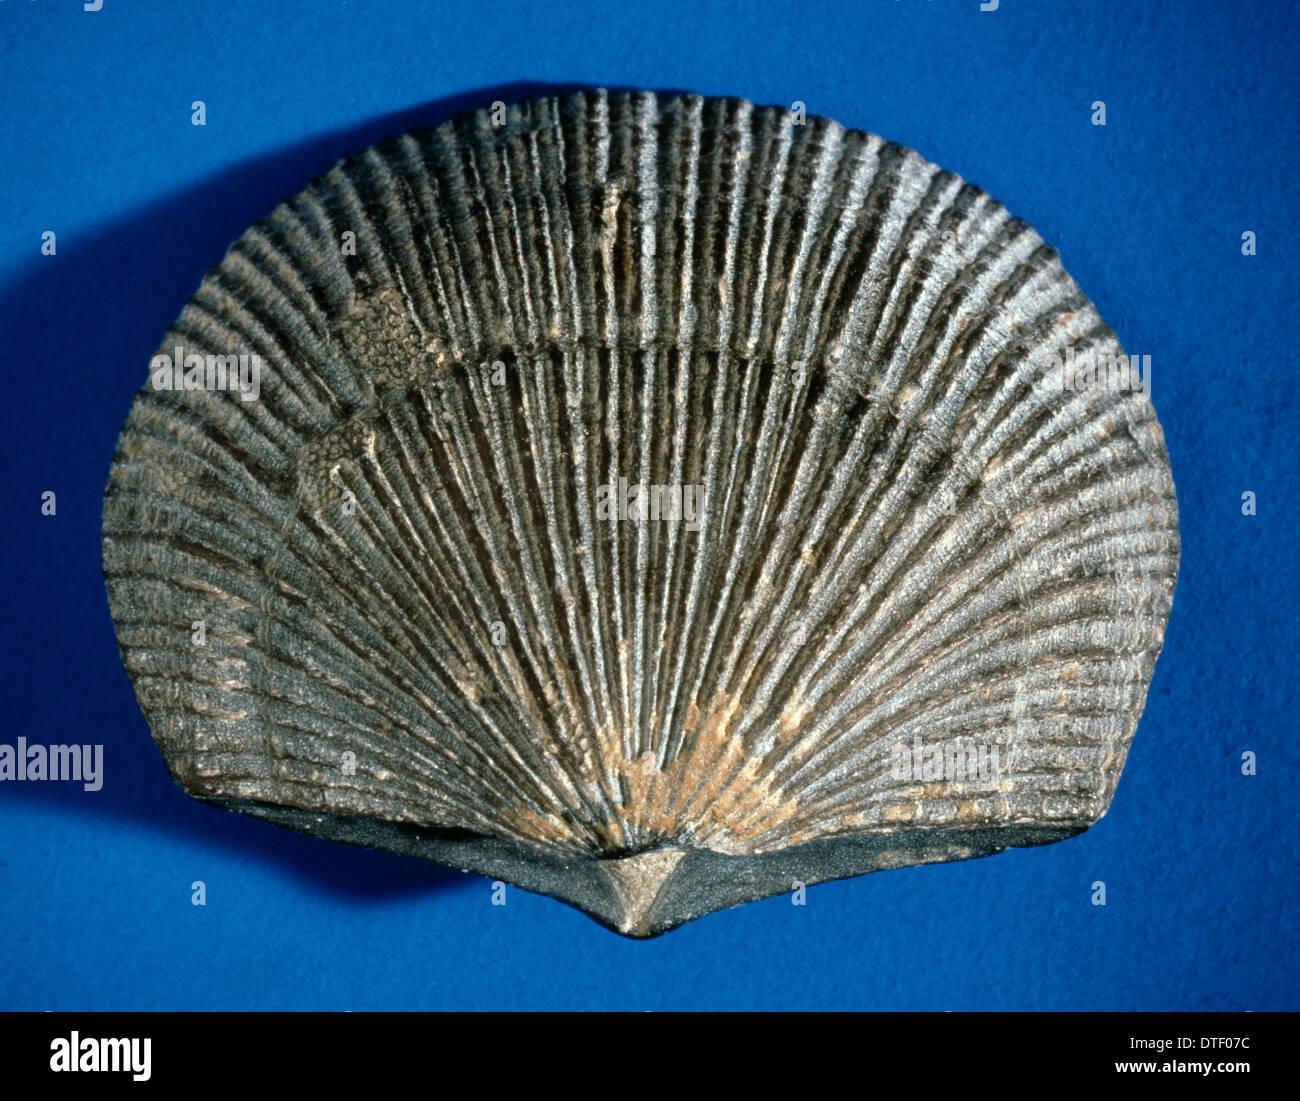 brachiopod stock photos brachiopod stock images alamy